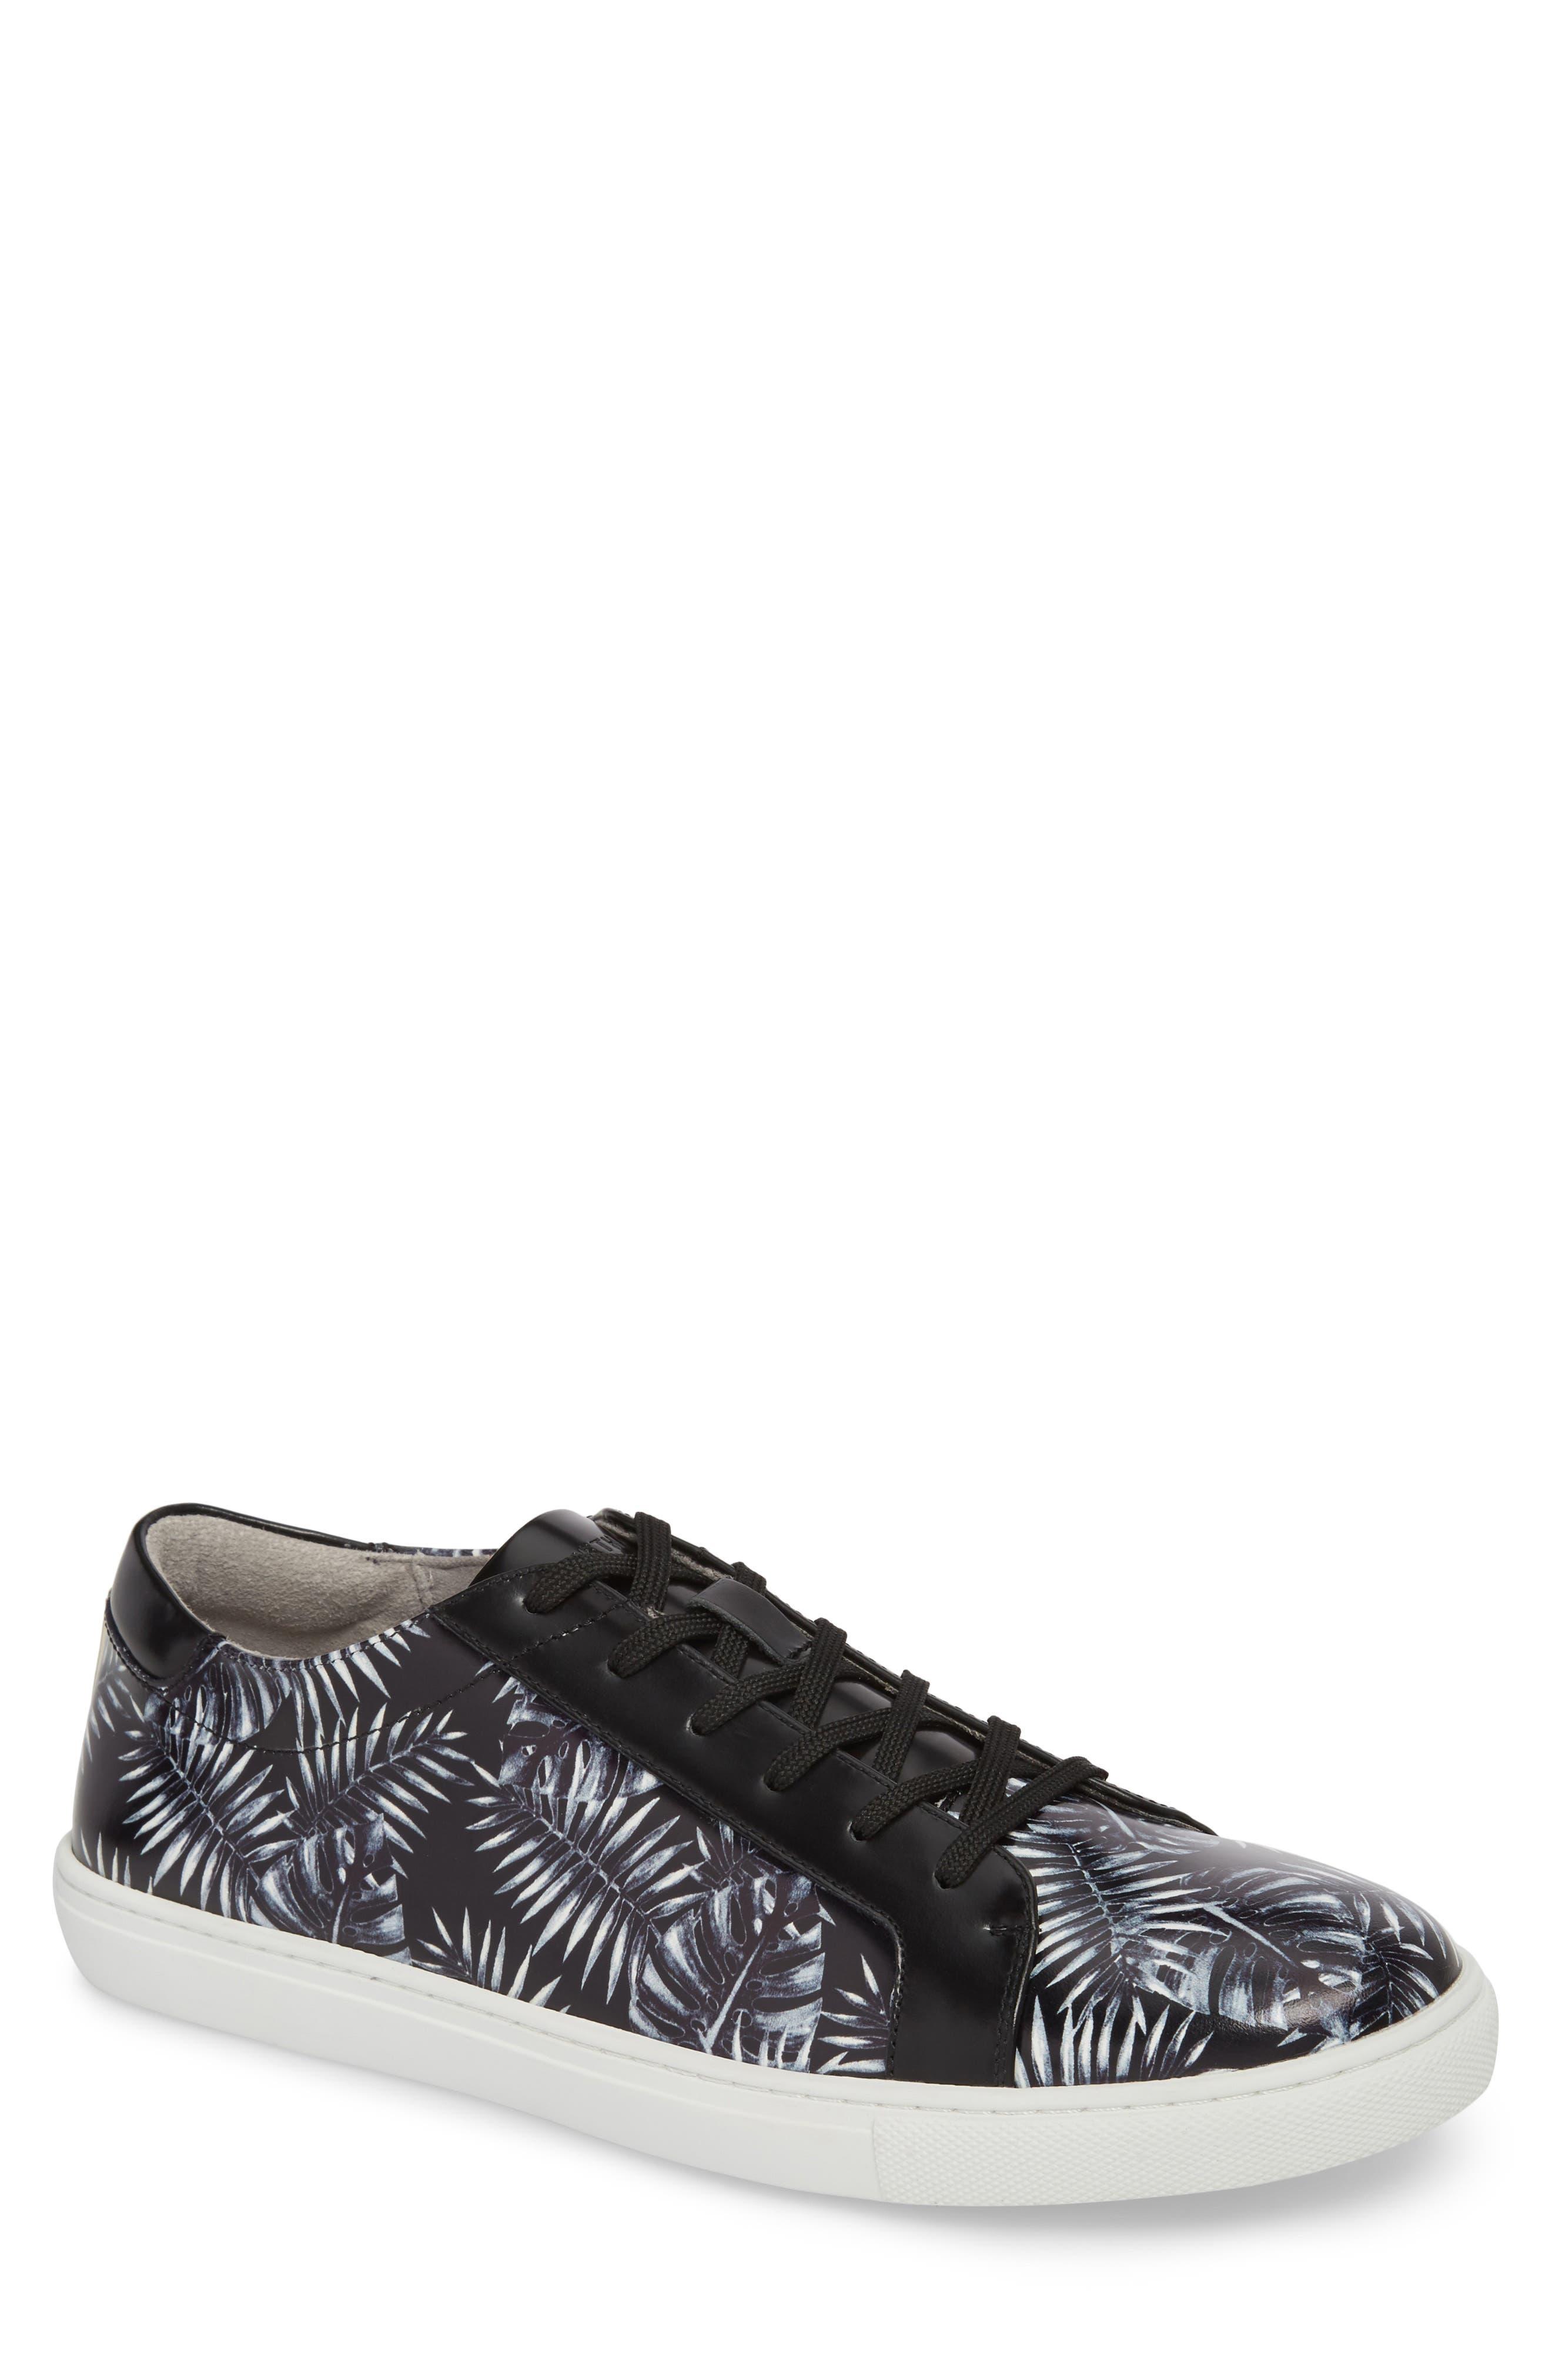 Kam Sneaker,                         Main,                         color, 001